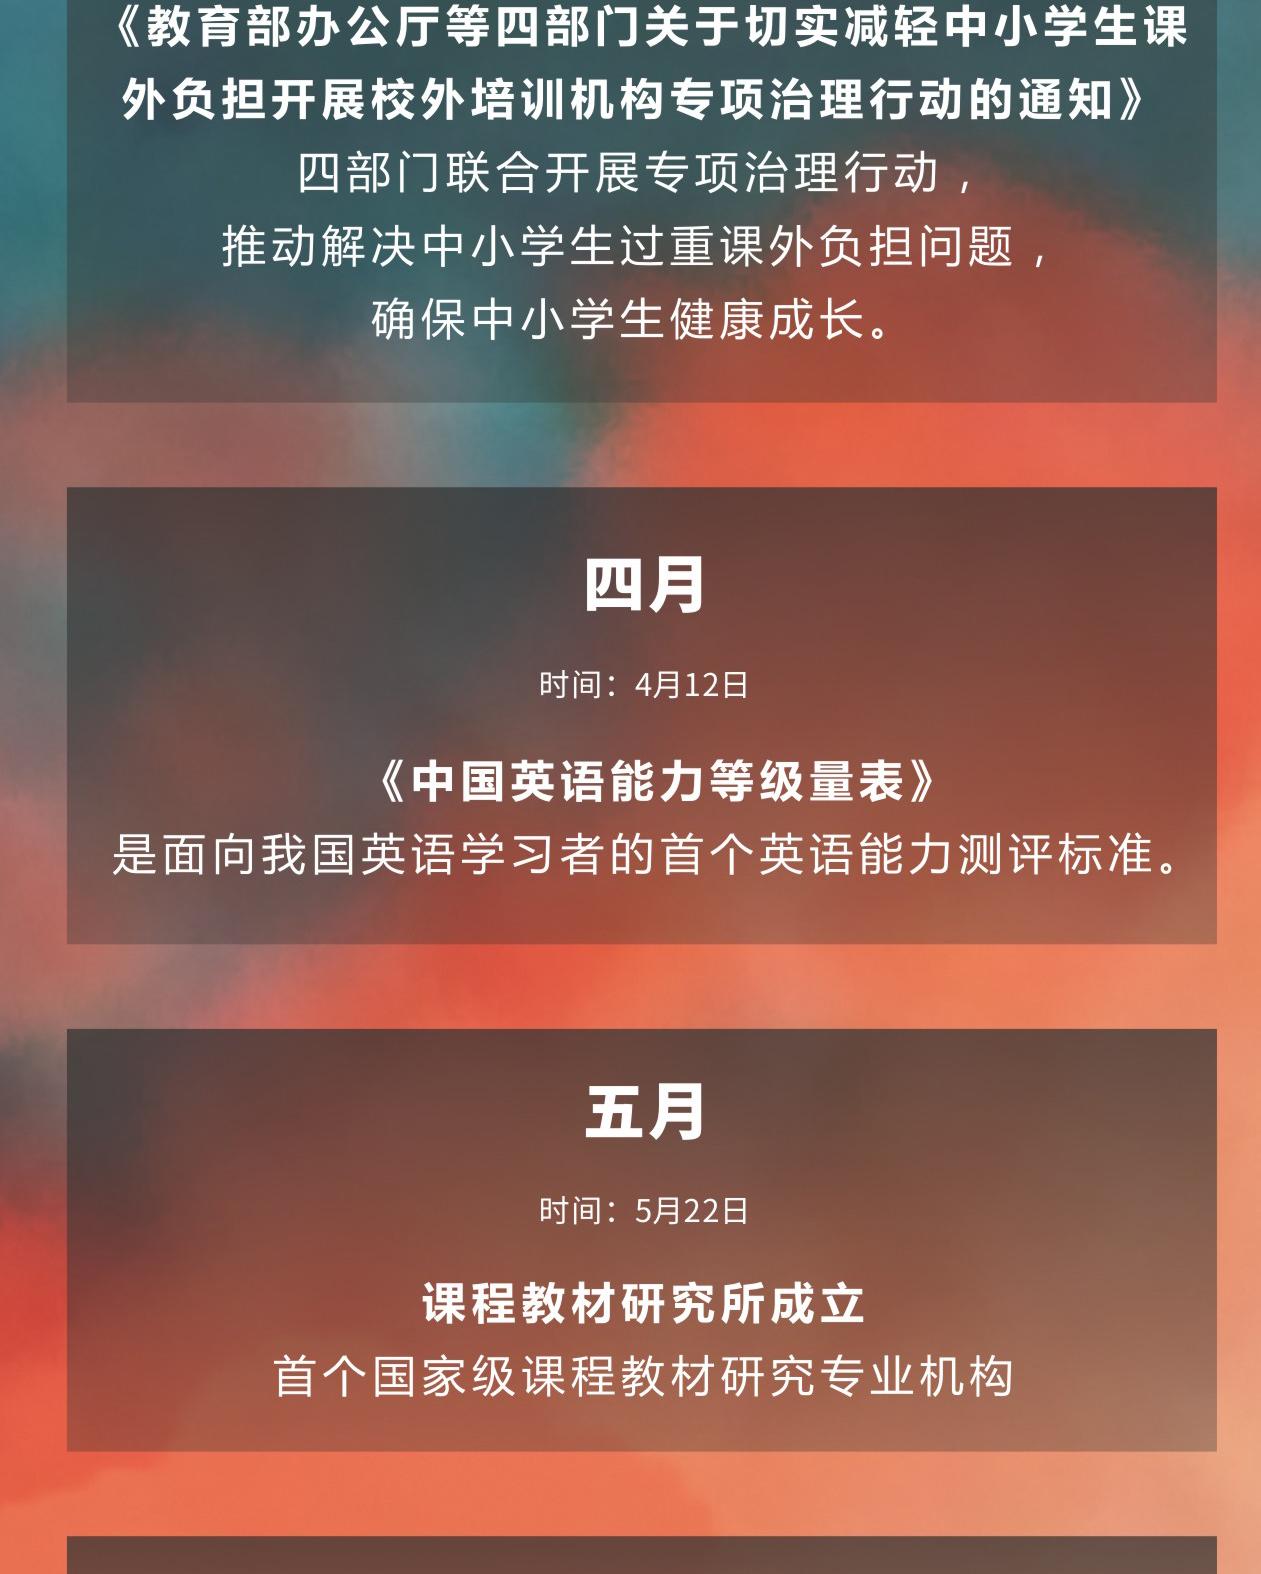 2018教育大事件_02.jpg